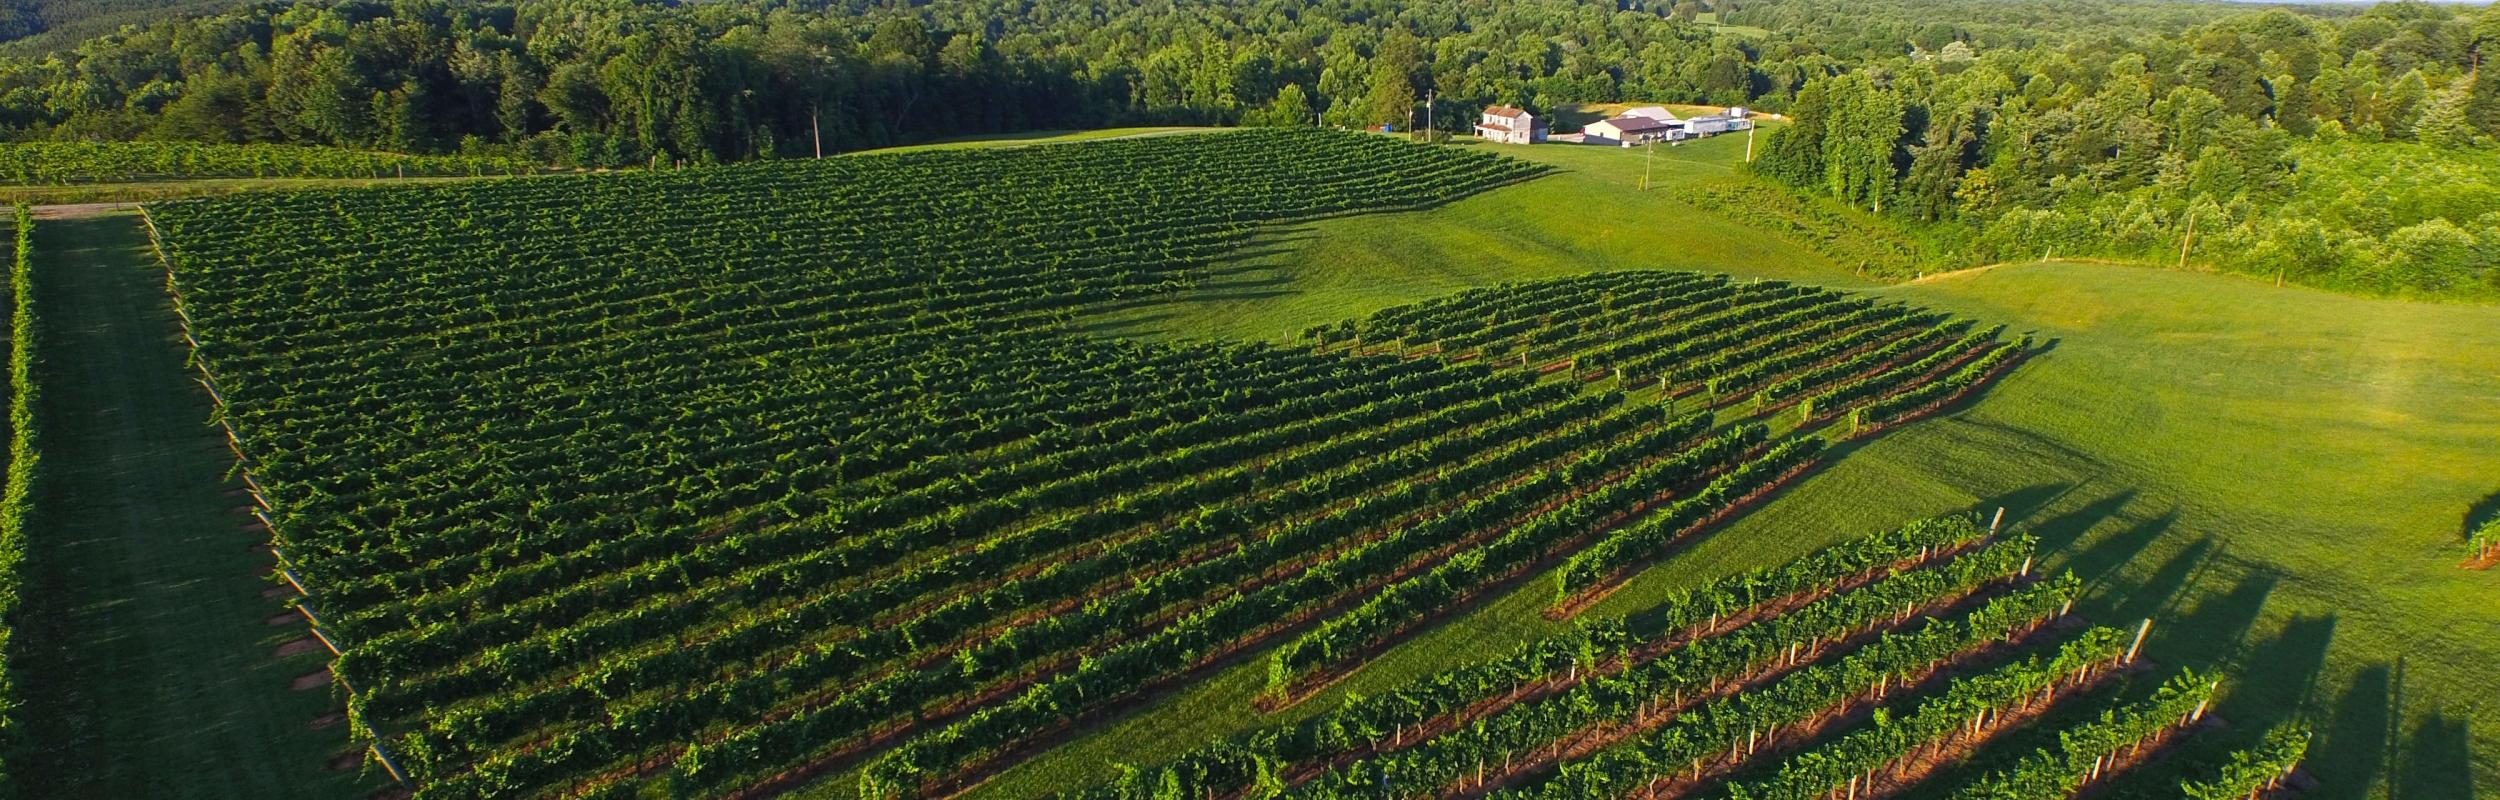 vineyard_aerial